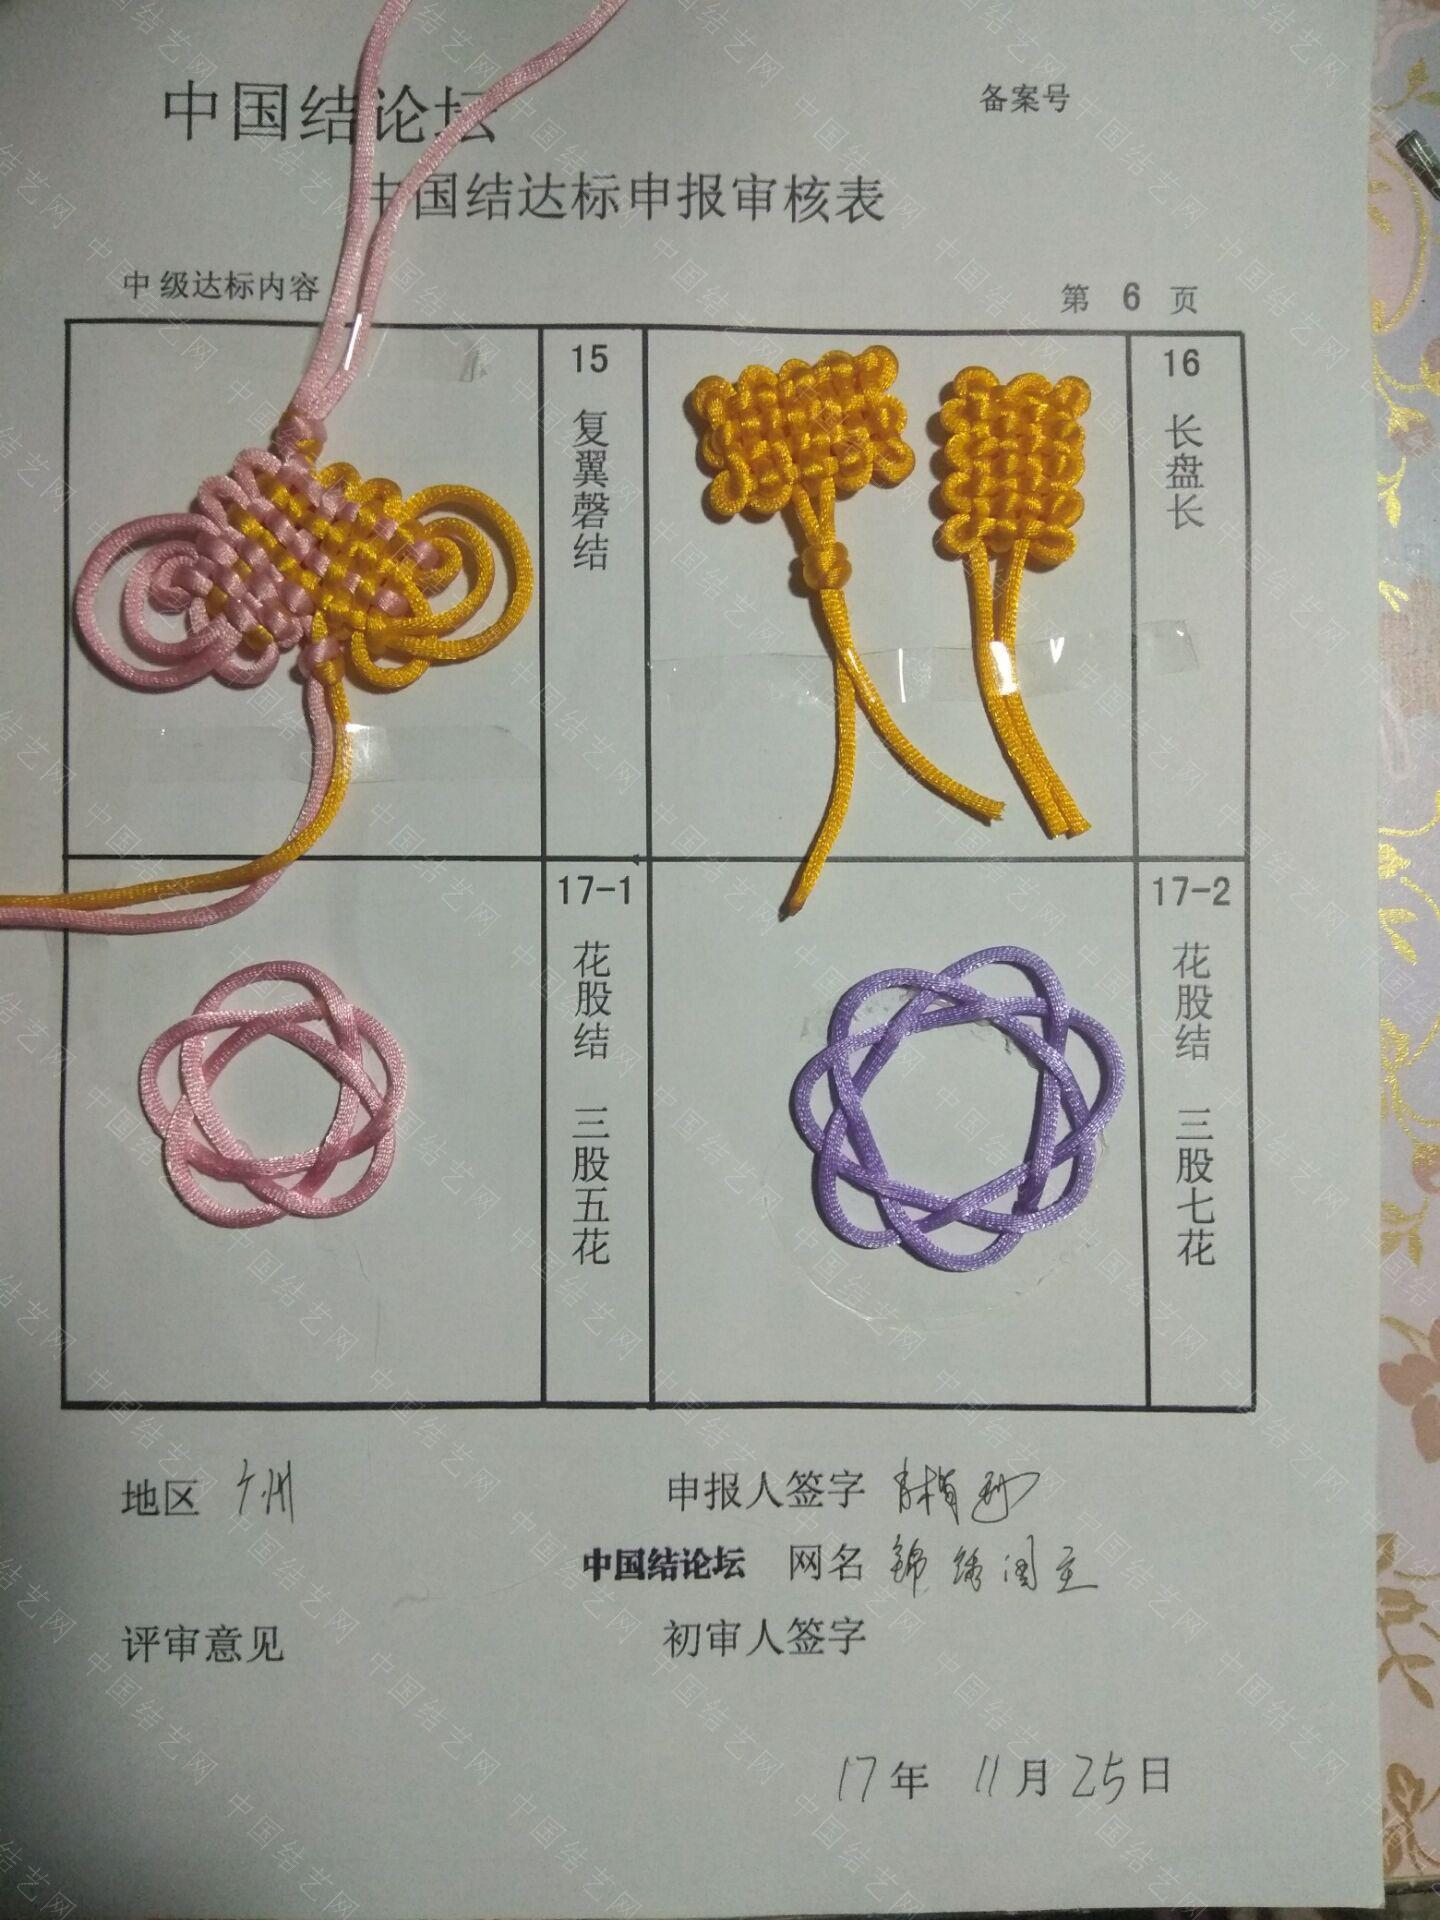 中国结论坛 锦绣阁主——中级提交申请  中国绳结艺术分级达标审核 165750wkfxk5qlhh15evwx